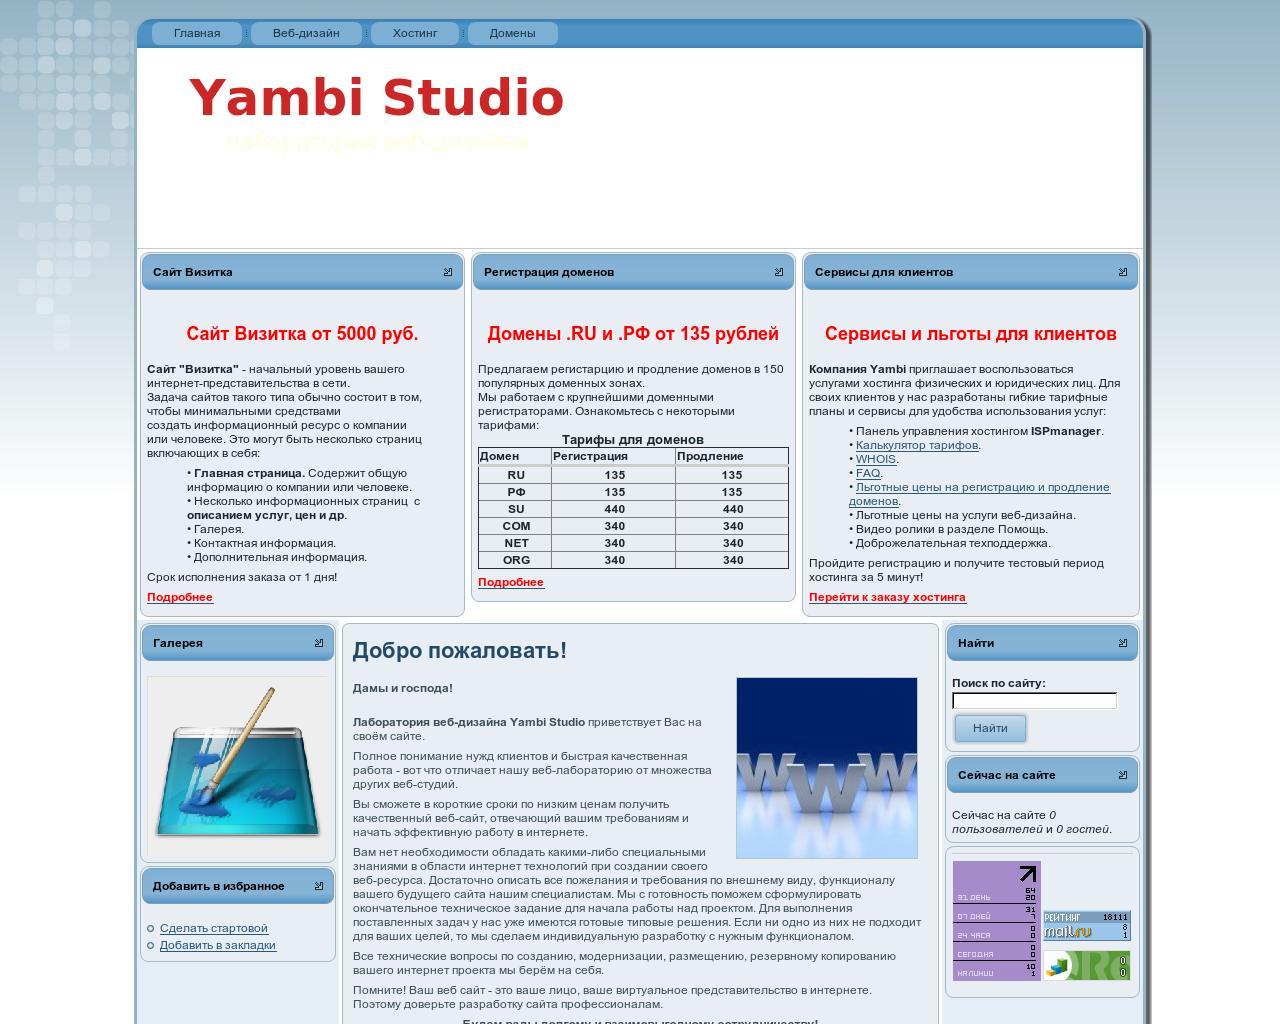 Лабораторные работы по web дизайну